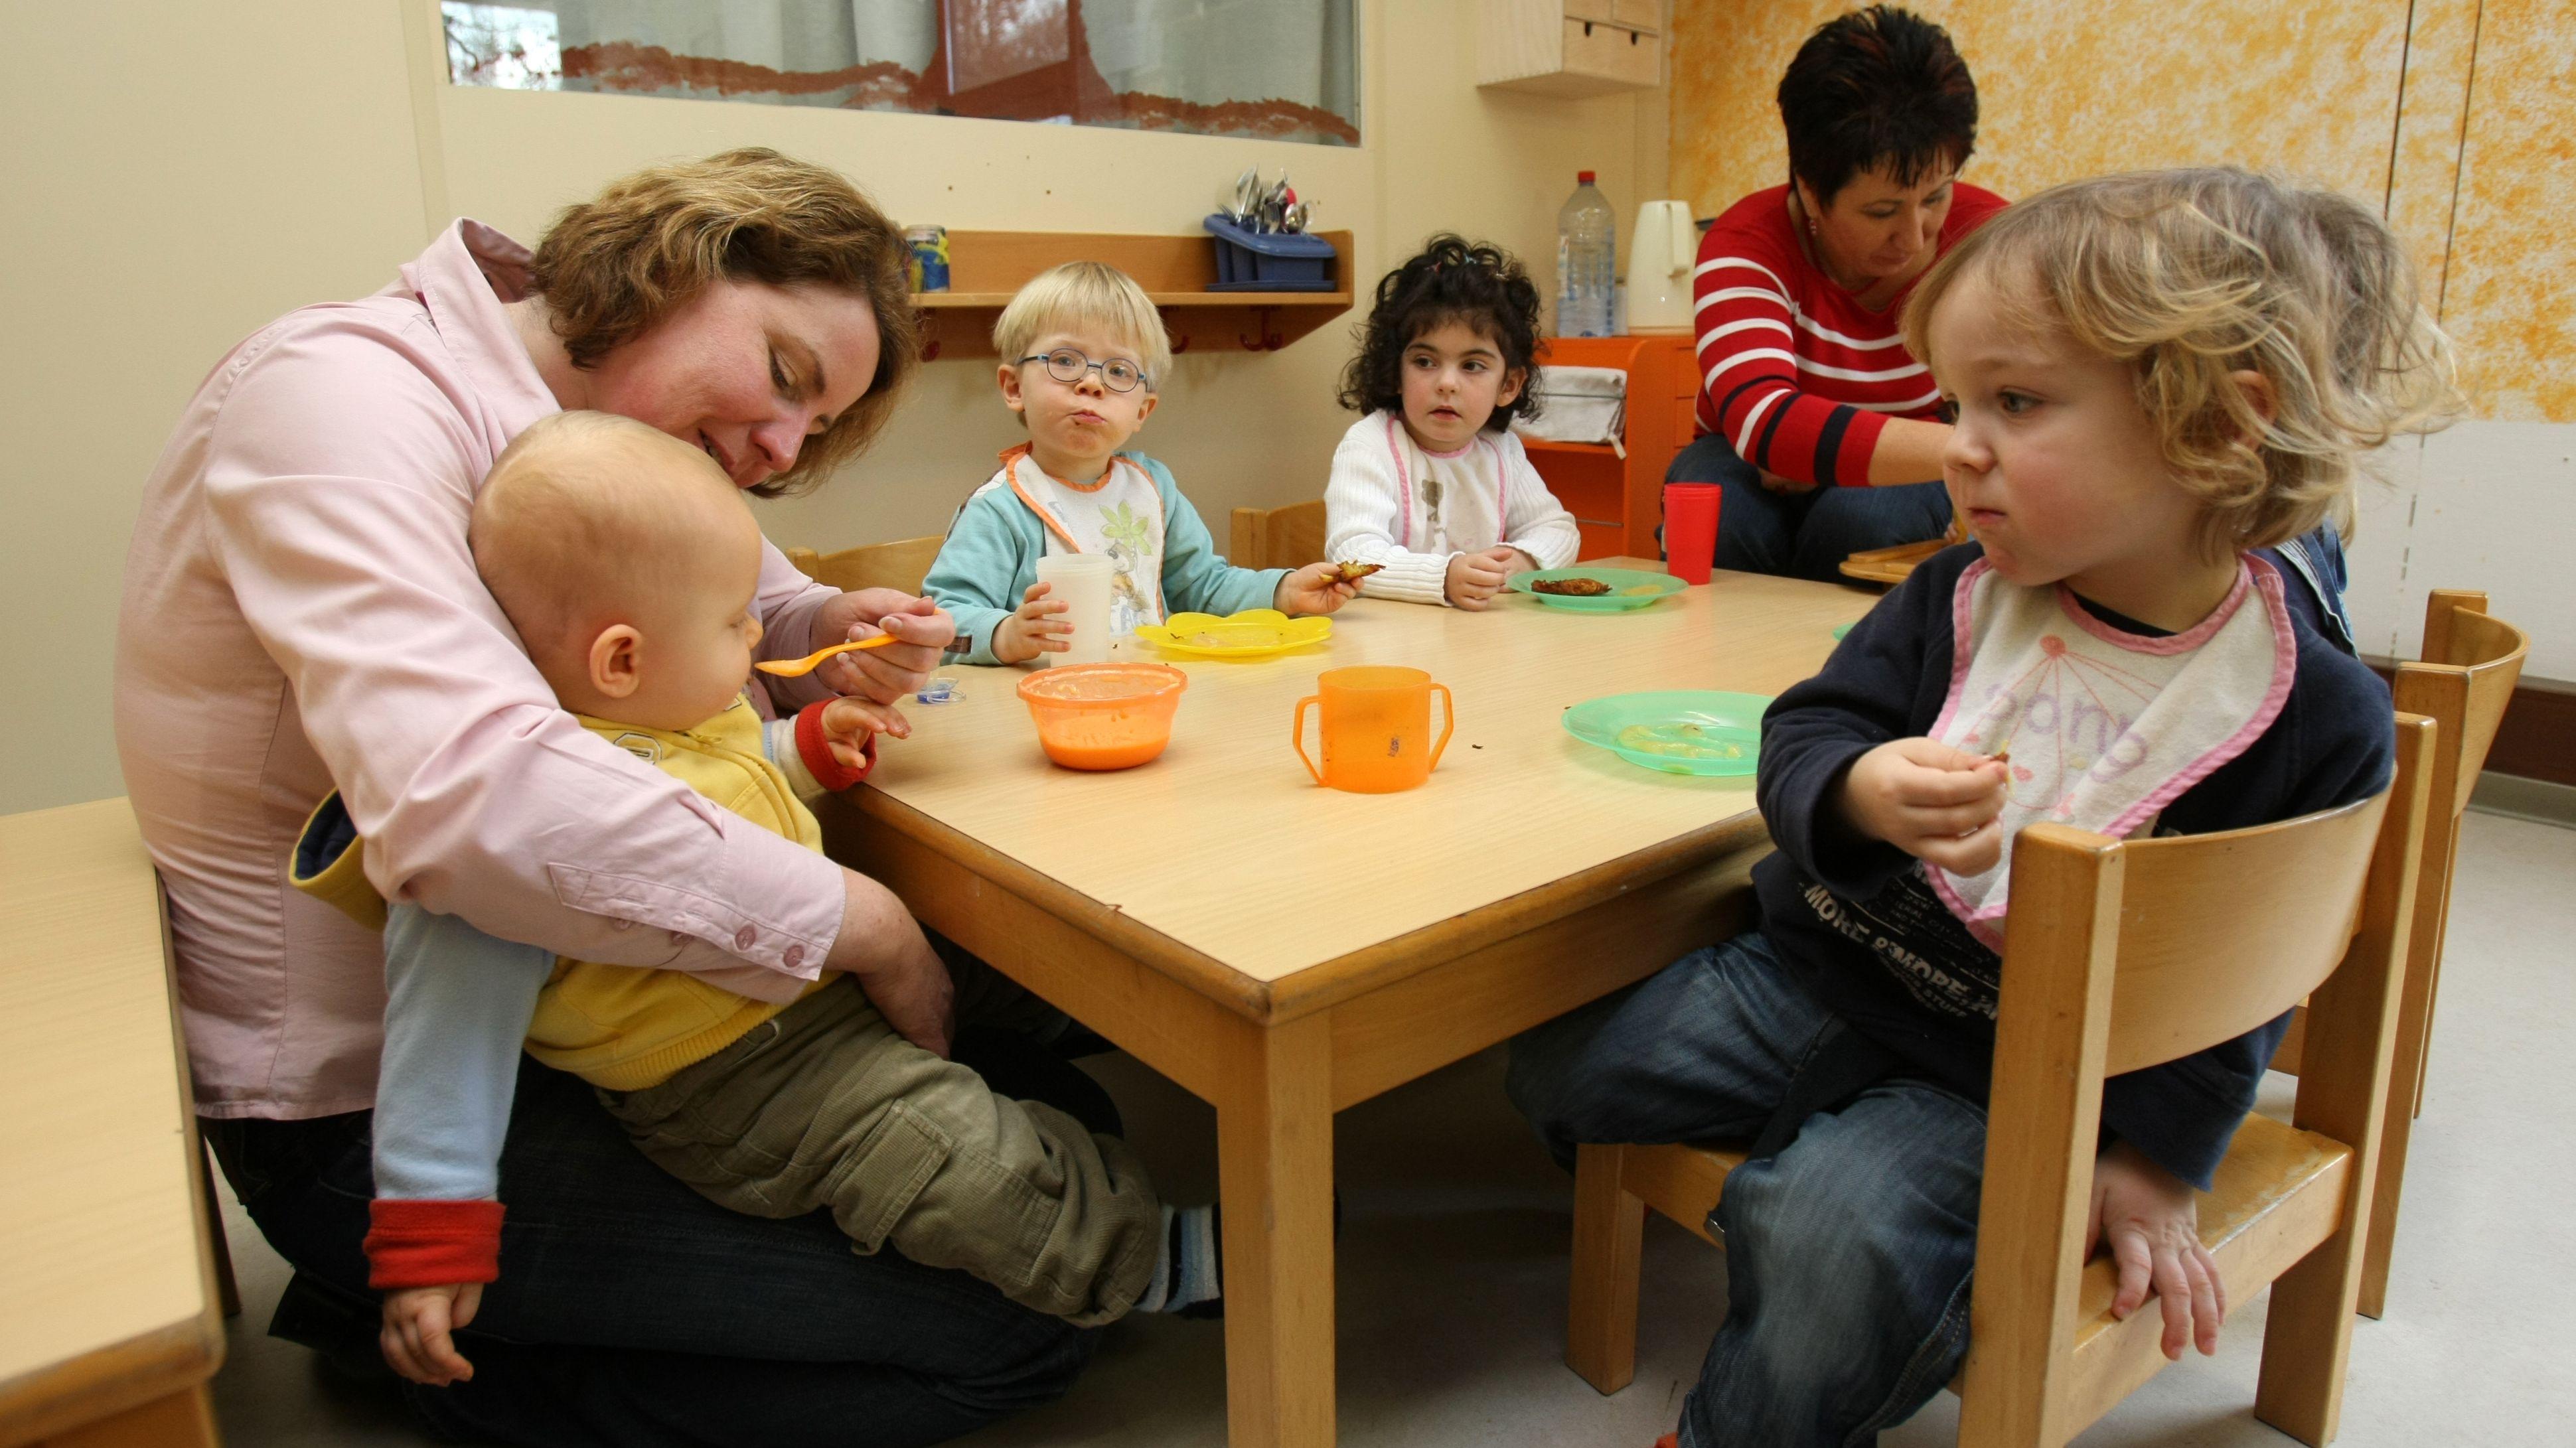 Ein Baby auf dem Schoß einer Erzieherin wird mit Brei gefüttert, daneben sitzen drei andere Kleinkinder und eine weitere Erzieherin am Tisch.